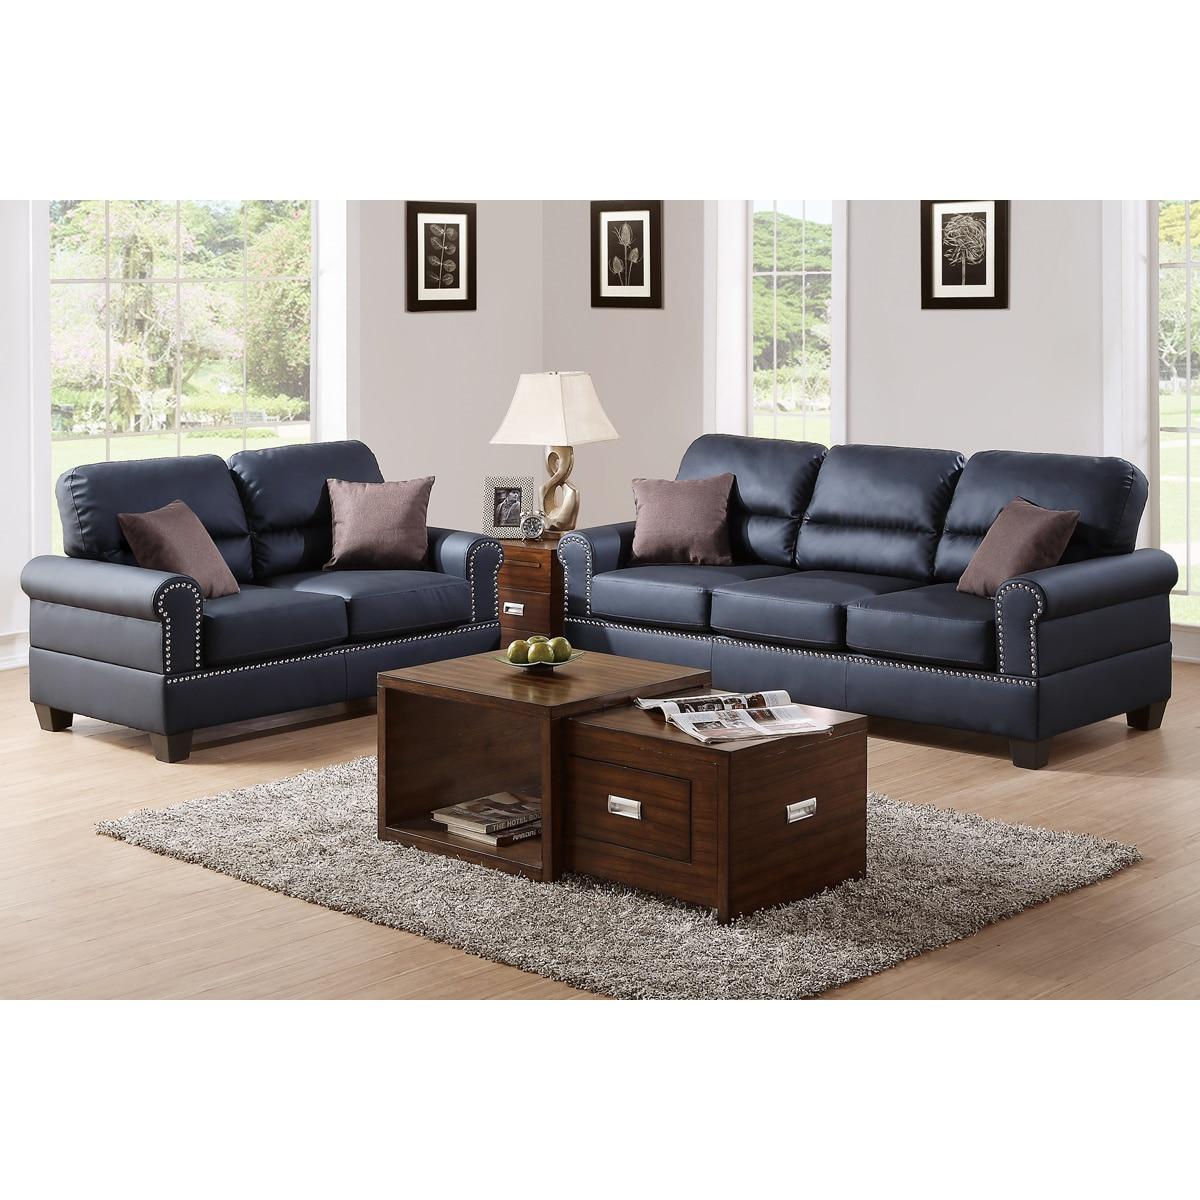 Bobkona Shelton Leather 2 Piece Sofa And Loveseat Set Free Shipping Today 15219904